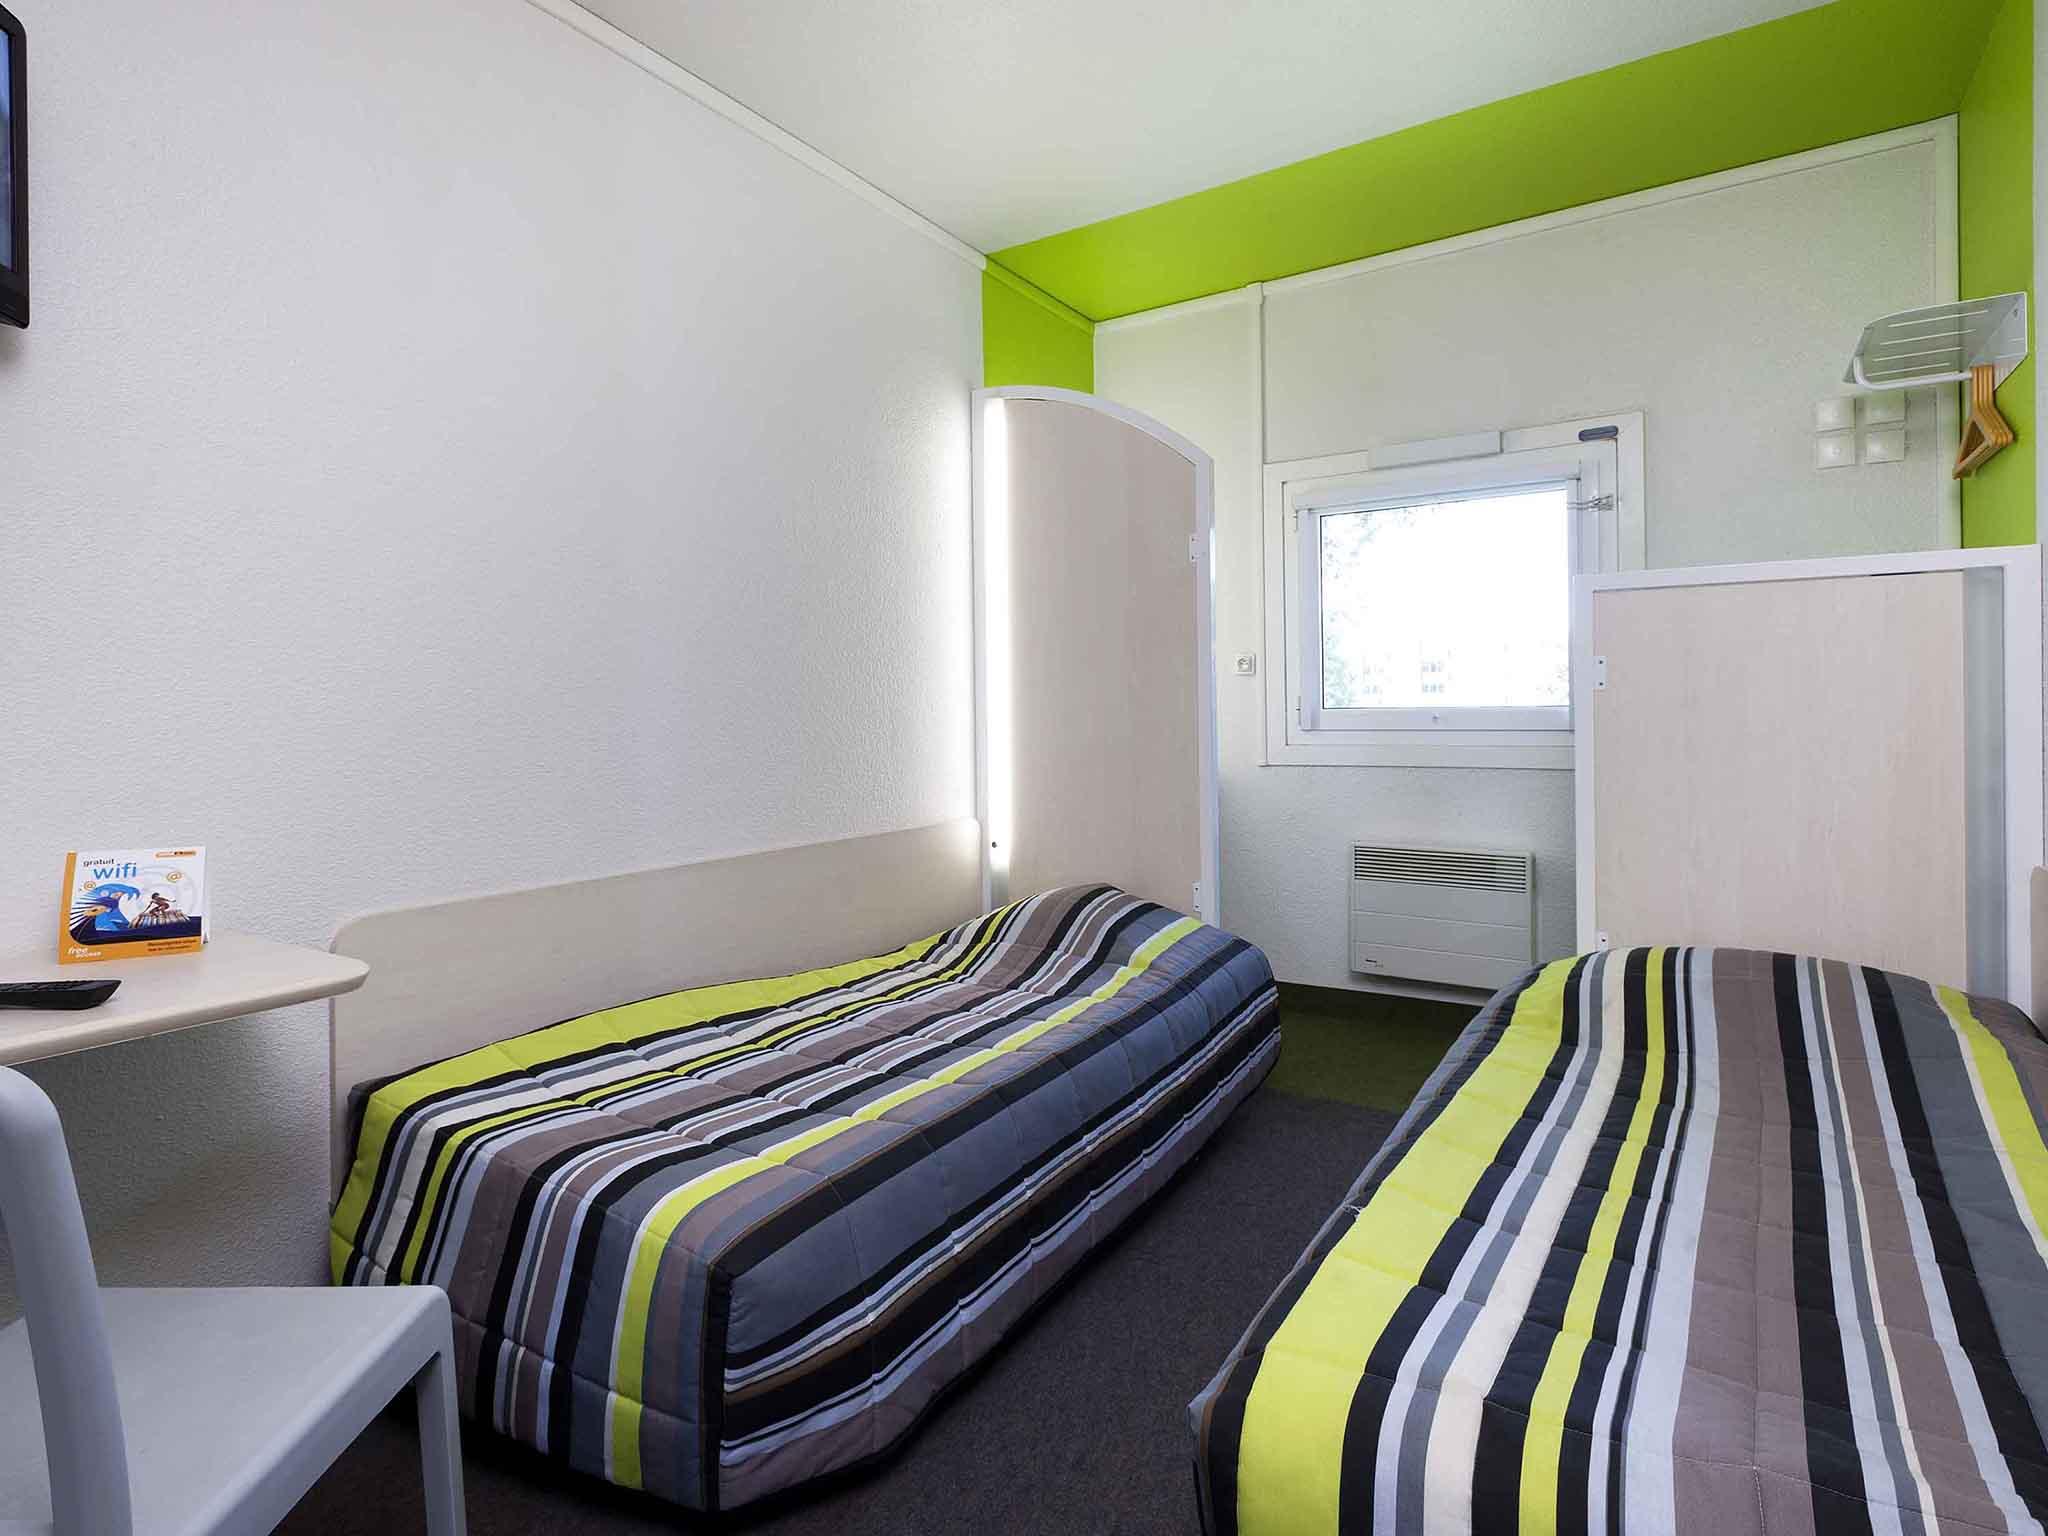 ホテル – hotelF1 Valenciennes Douchy-les-Mines